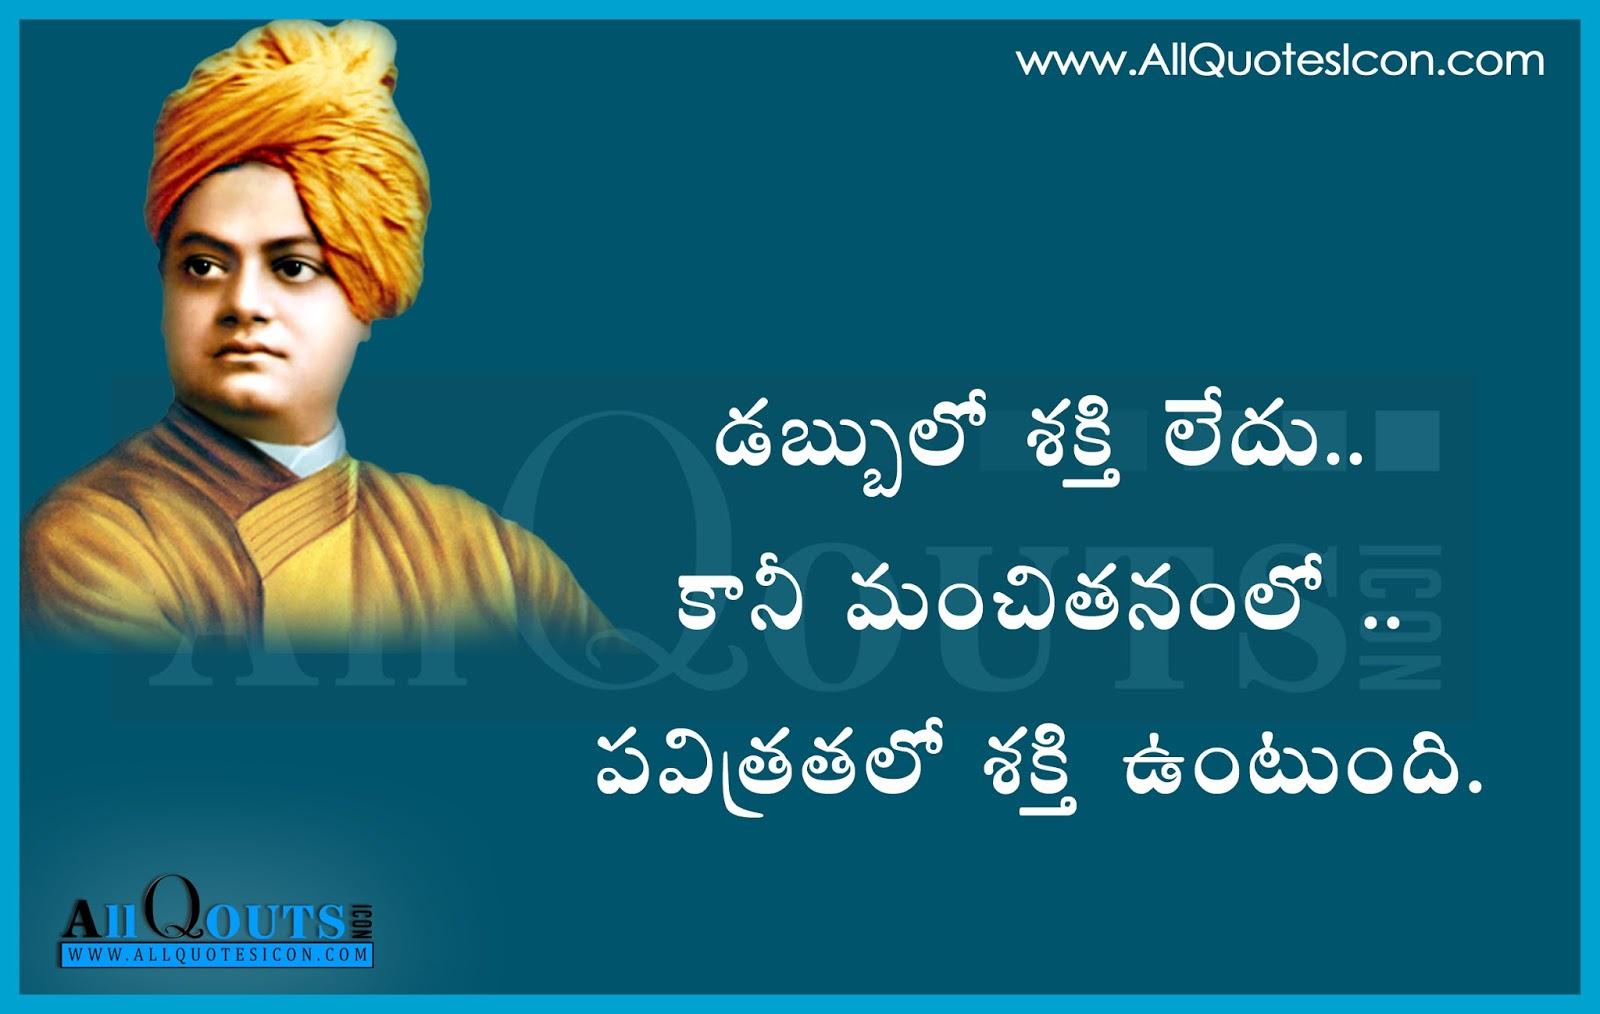 Swami Vivekananda Motivation Quotes In Telugu Www Allquotesicon Com Telugu Quotes Tamil